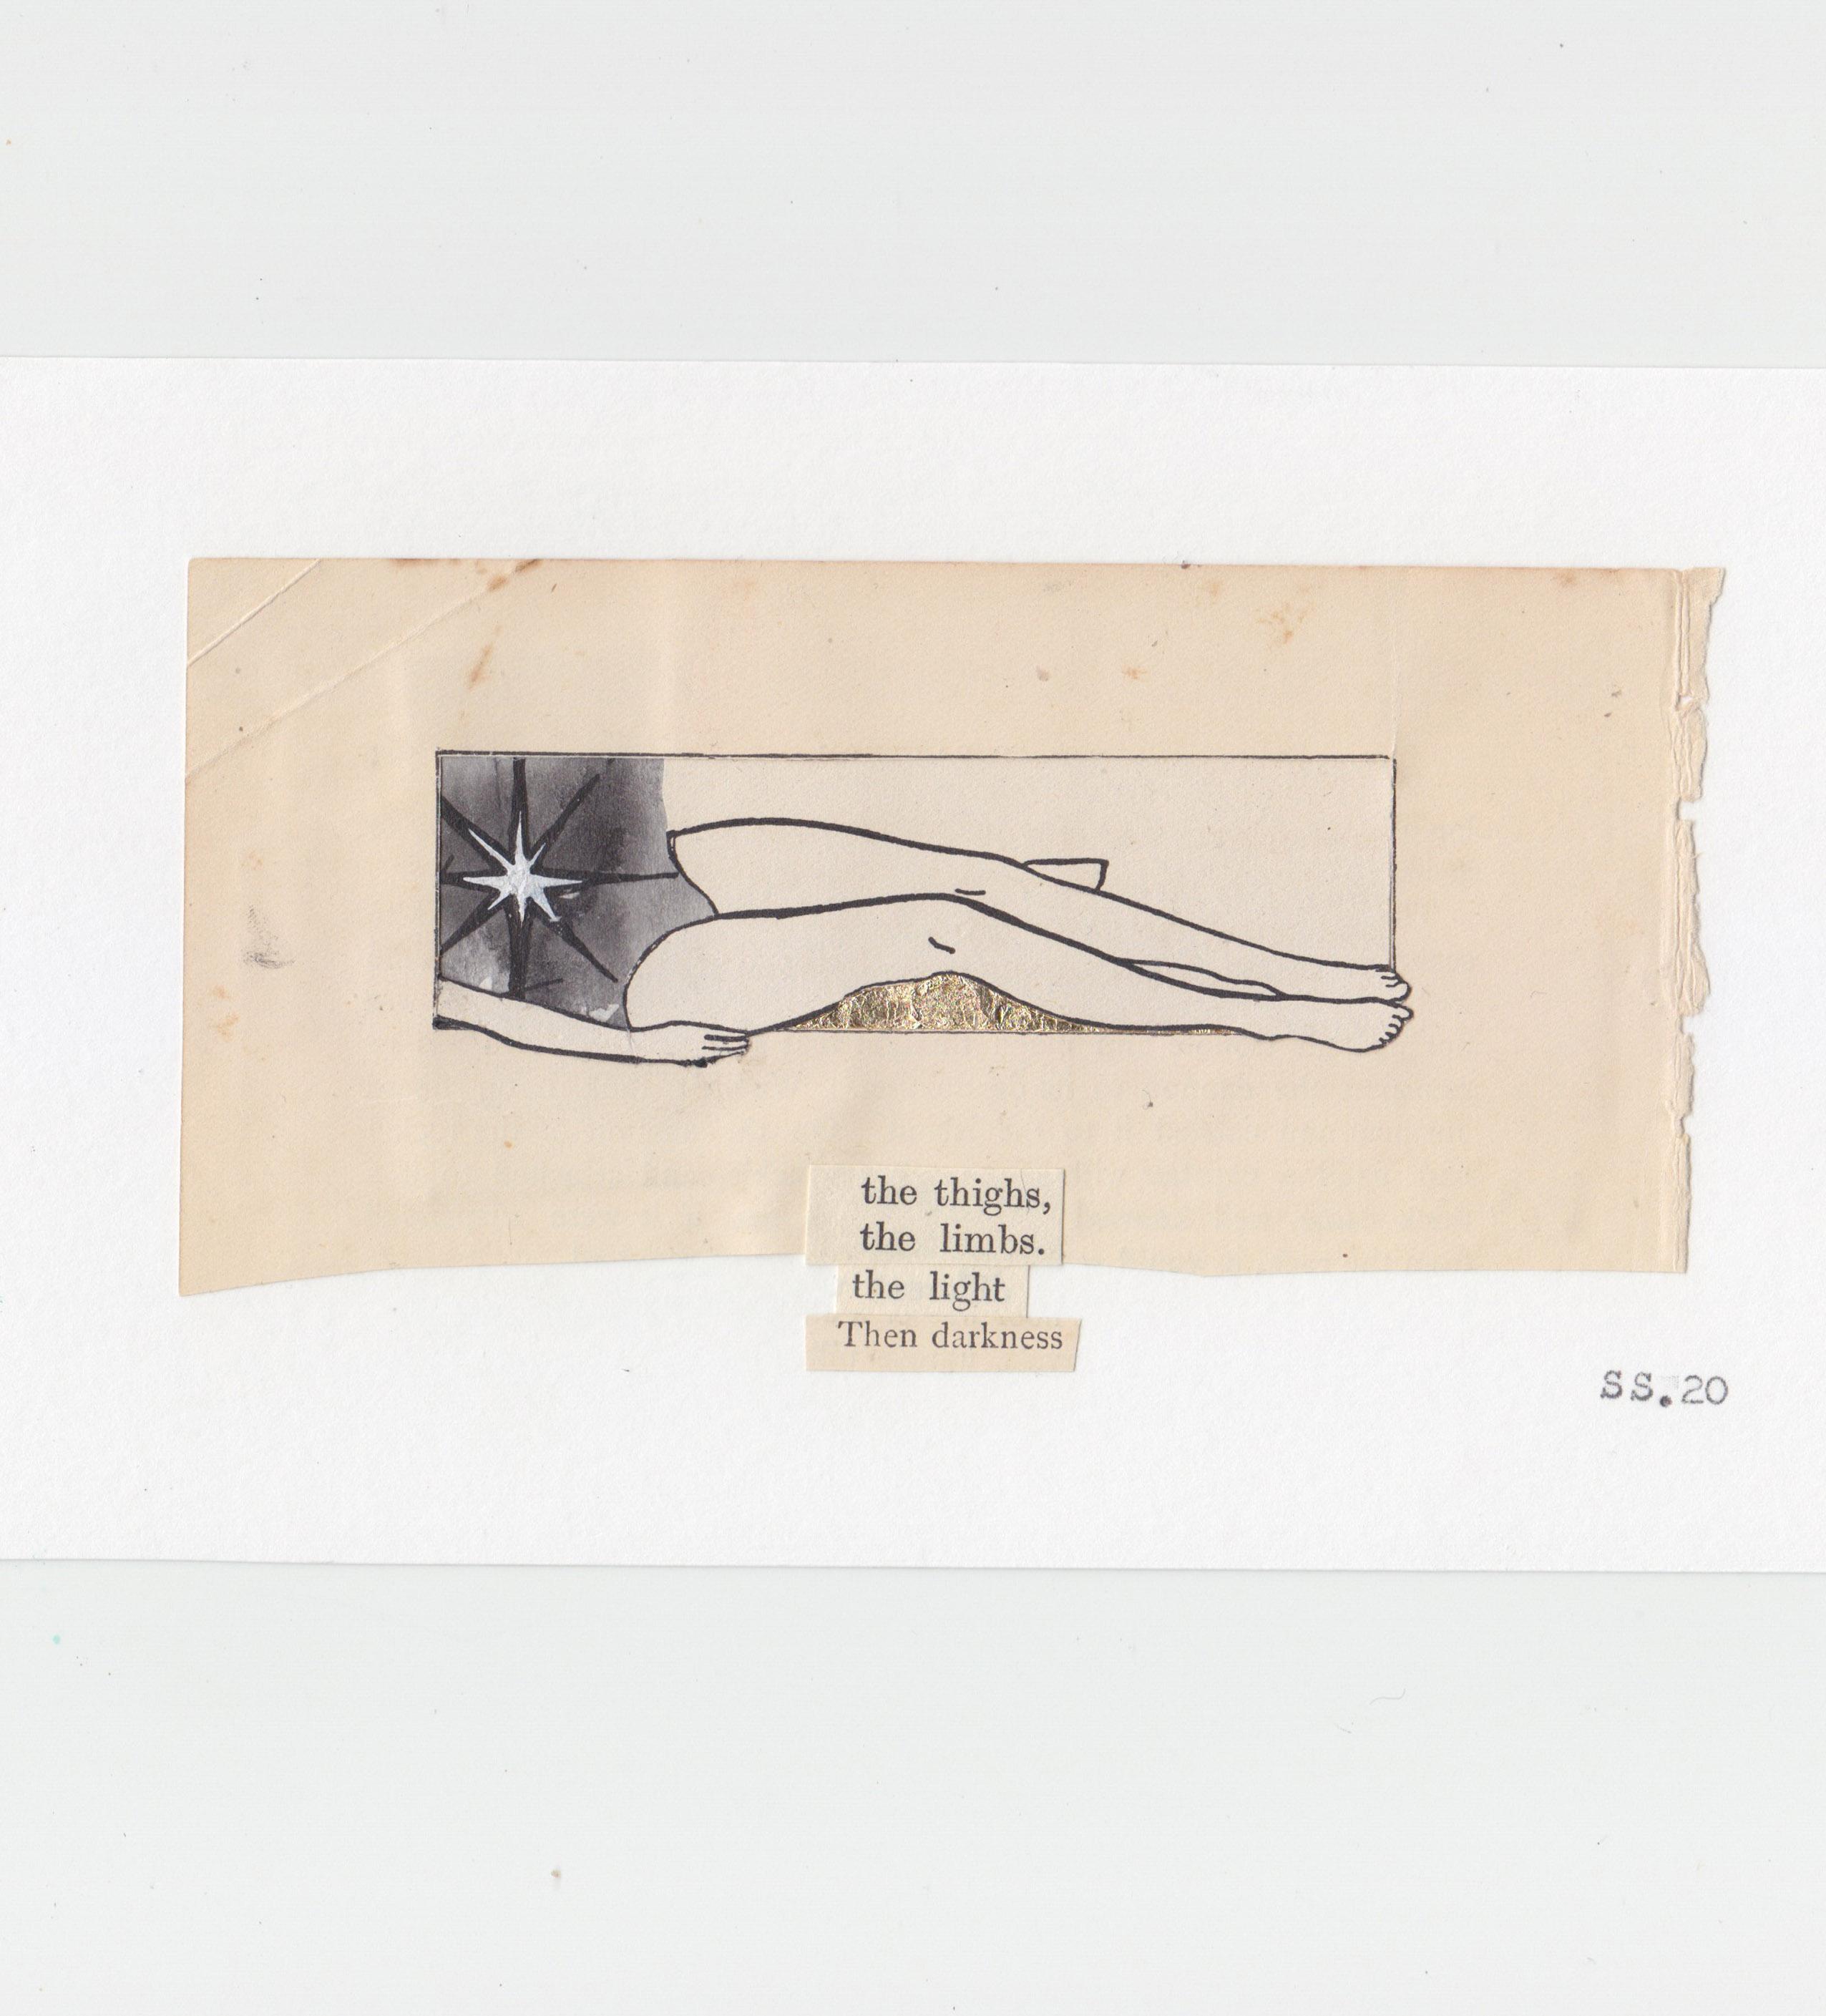 S 1.24 - 18x11 cm